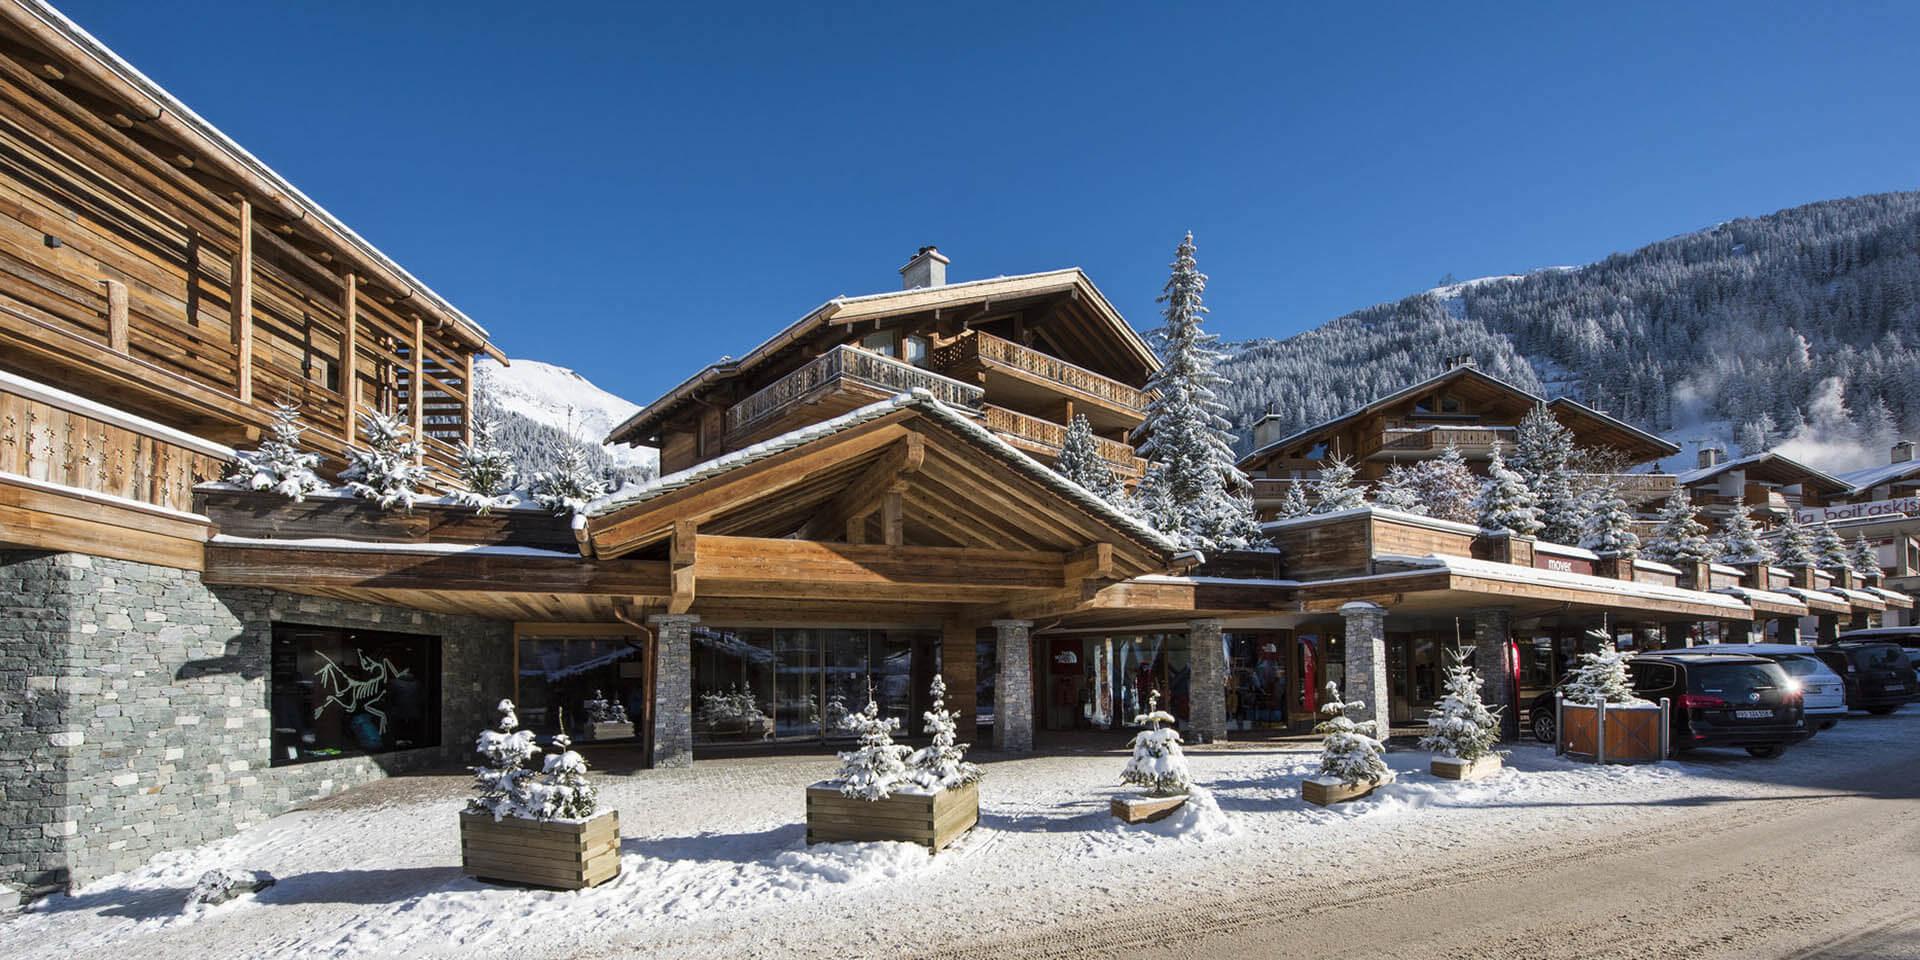 Appartement Rosalp 4 Verbier Les 4 Vallees Zwitserland wintersport skivakantie luxe ligging appartement dorpsplein hartje centrum bergen bomen sneeuw